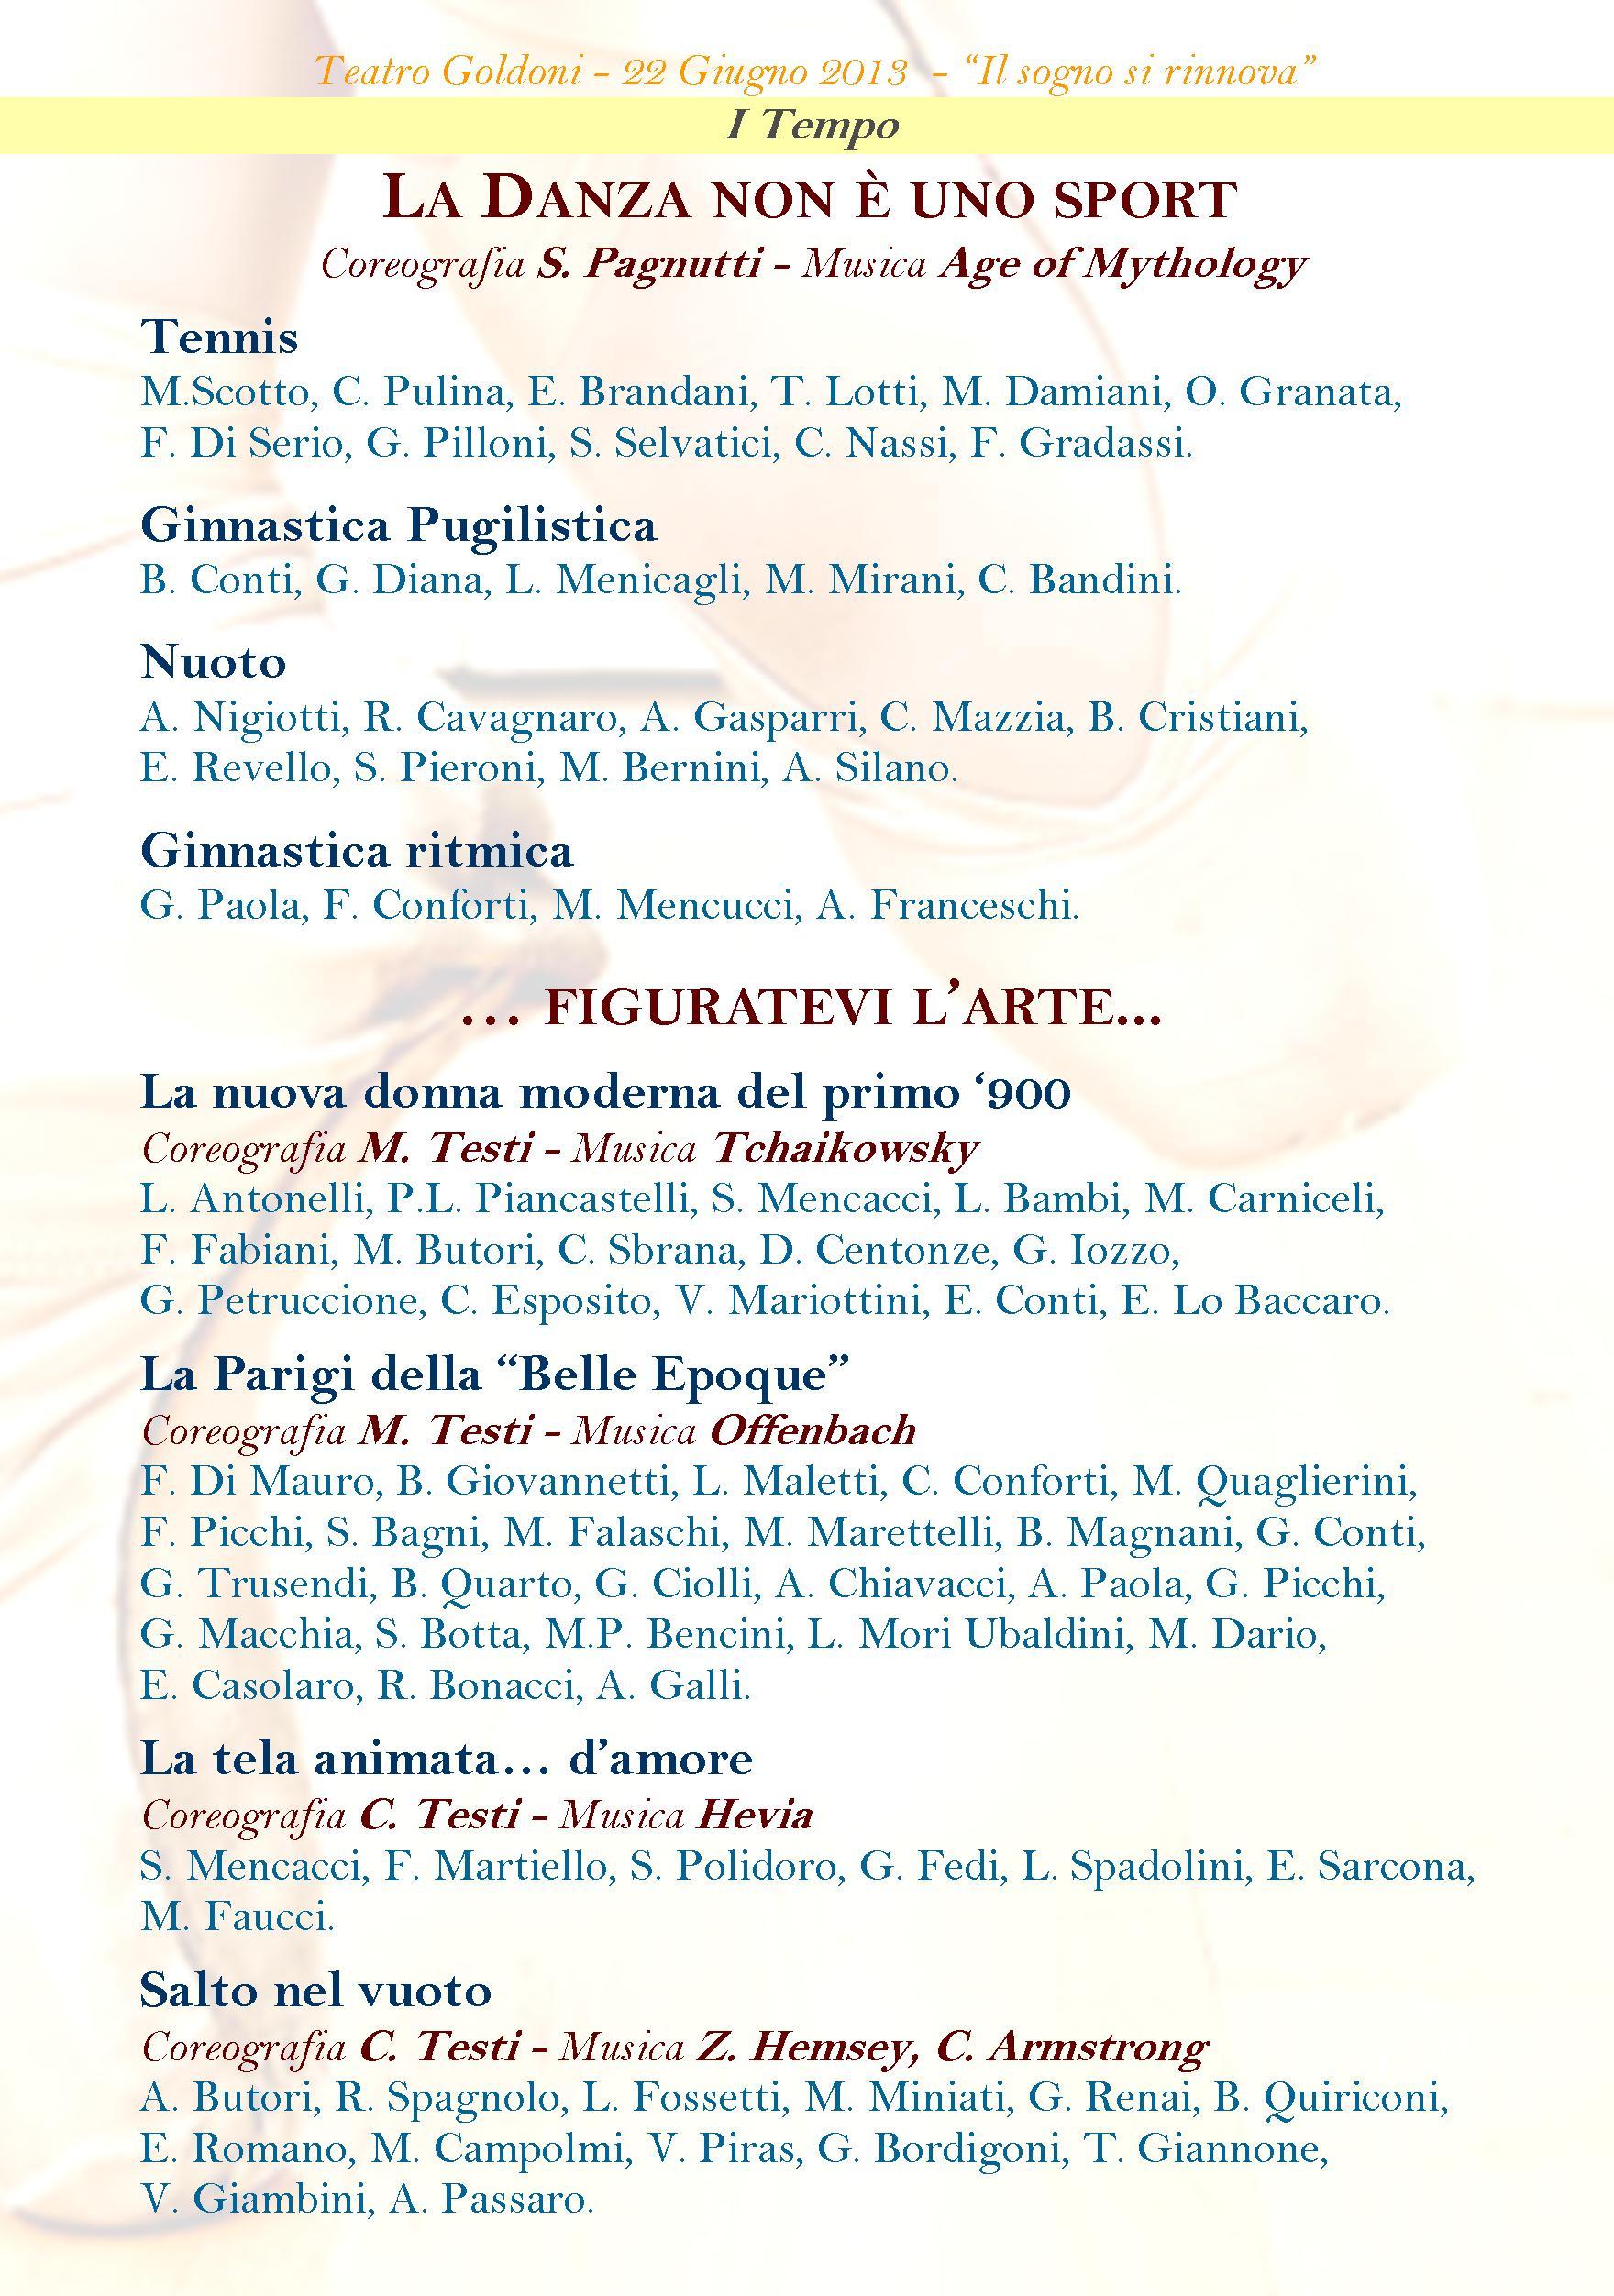 luigi quarta goldoni livorno (2)